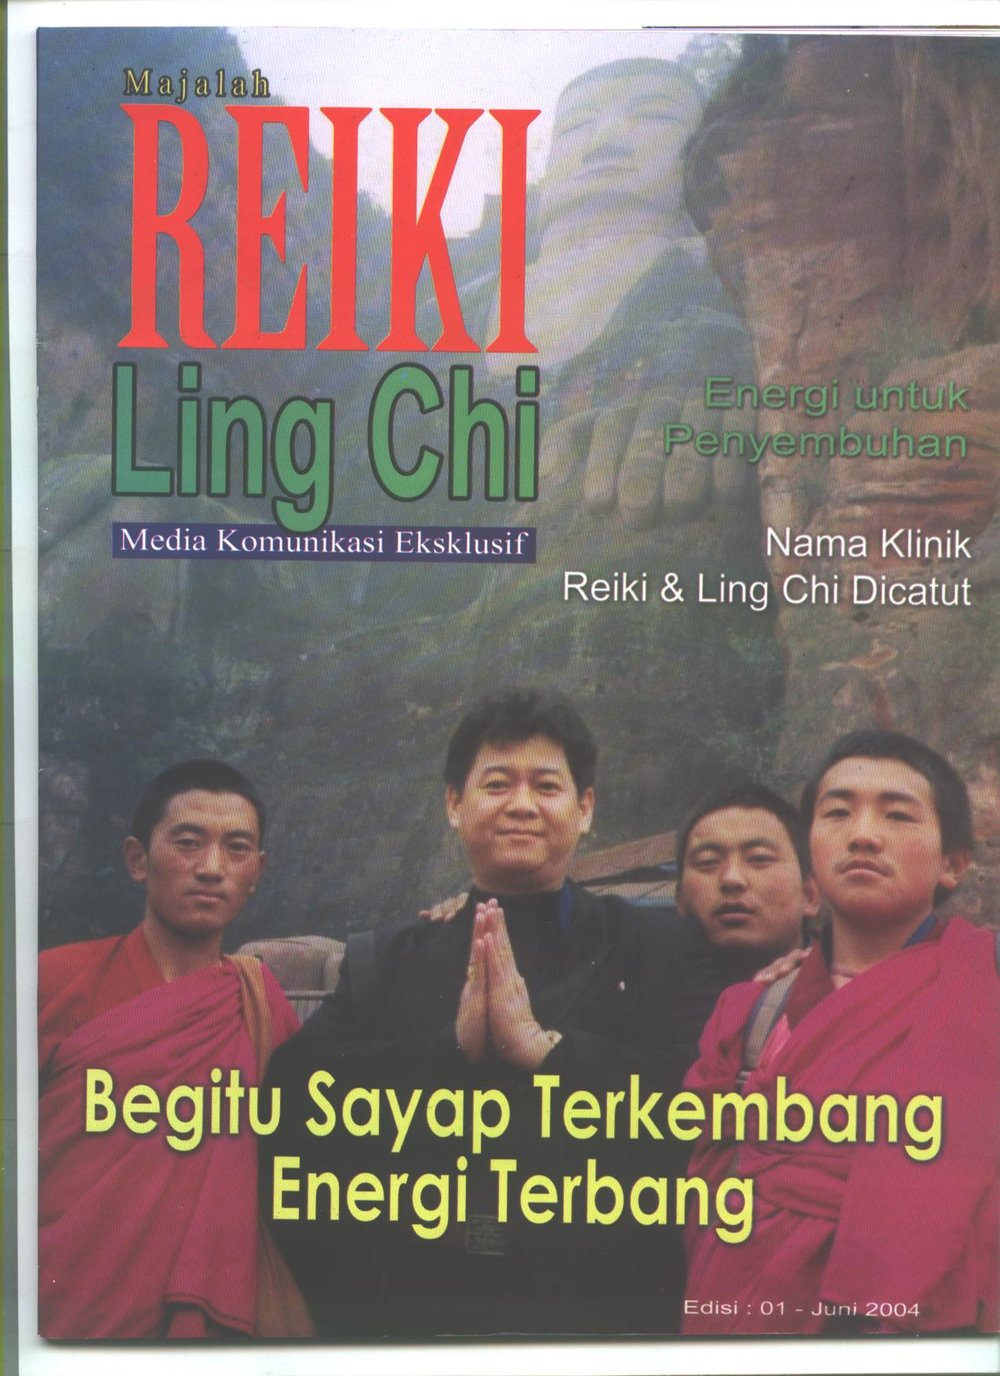 Majalah 01.jpg